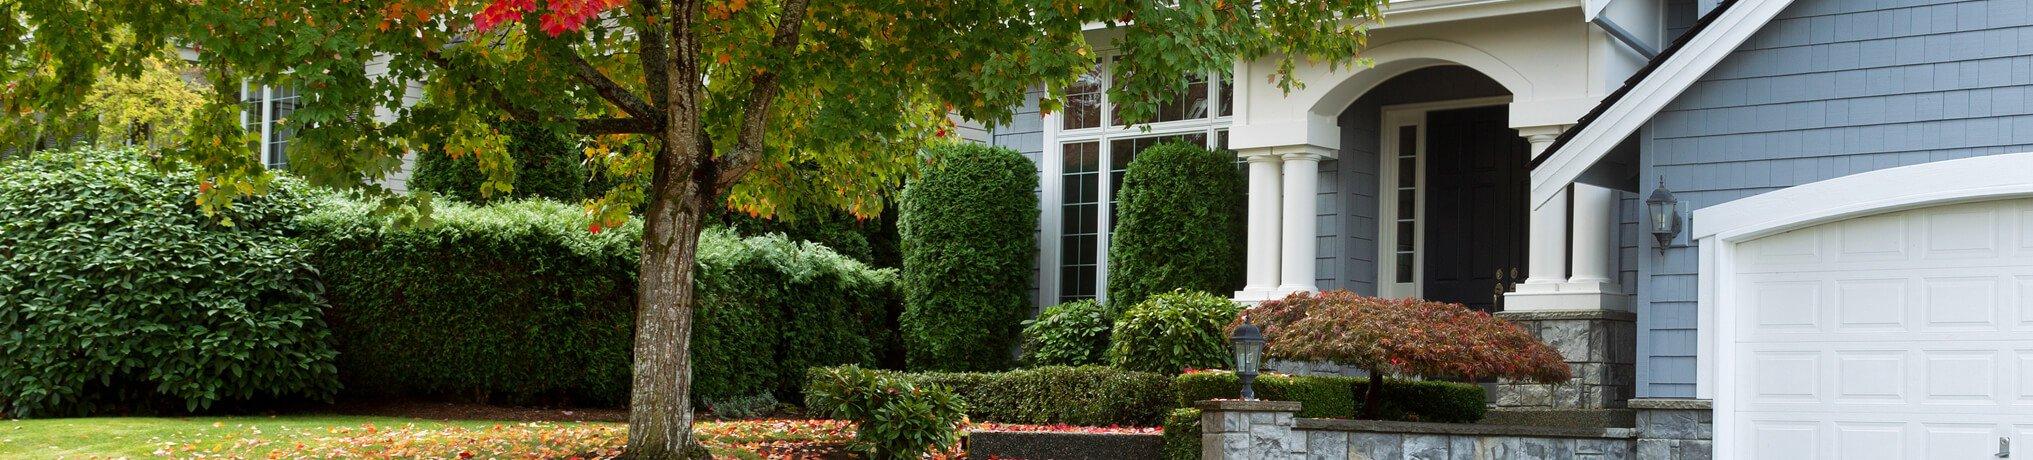 Gartenzubehör Versandkostenfrei Kaufen Gartentraumde